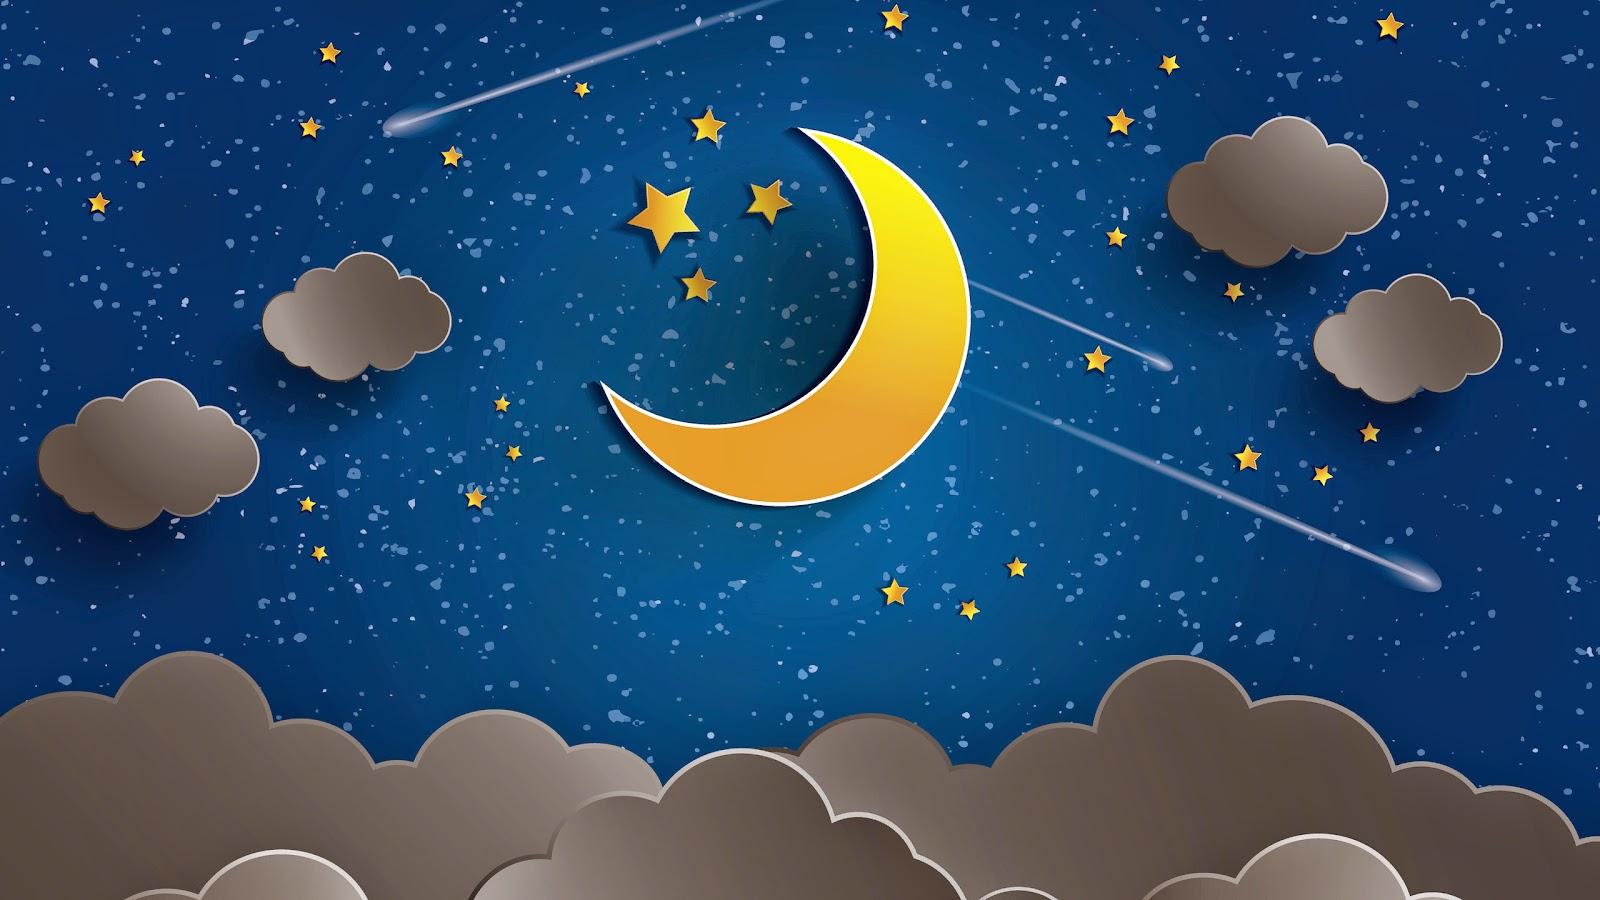 achtergrondfoto blaauwe hemel ster